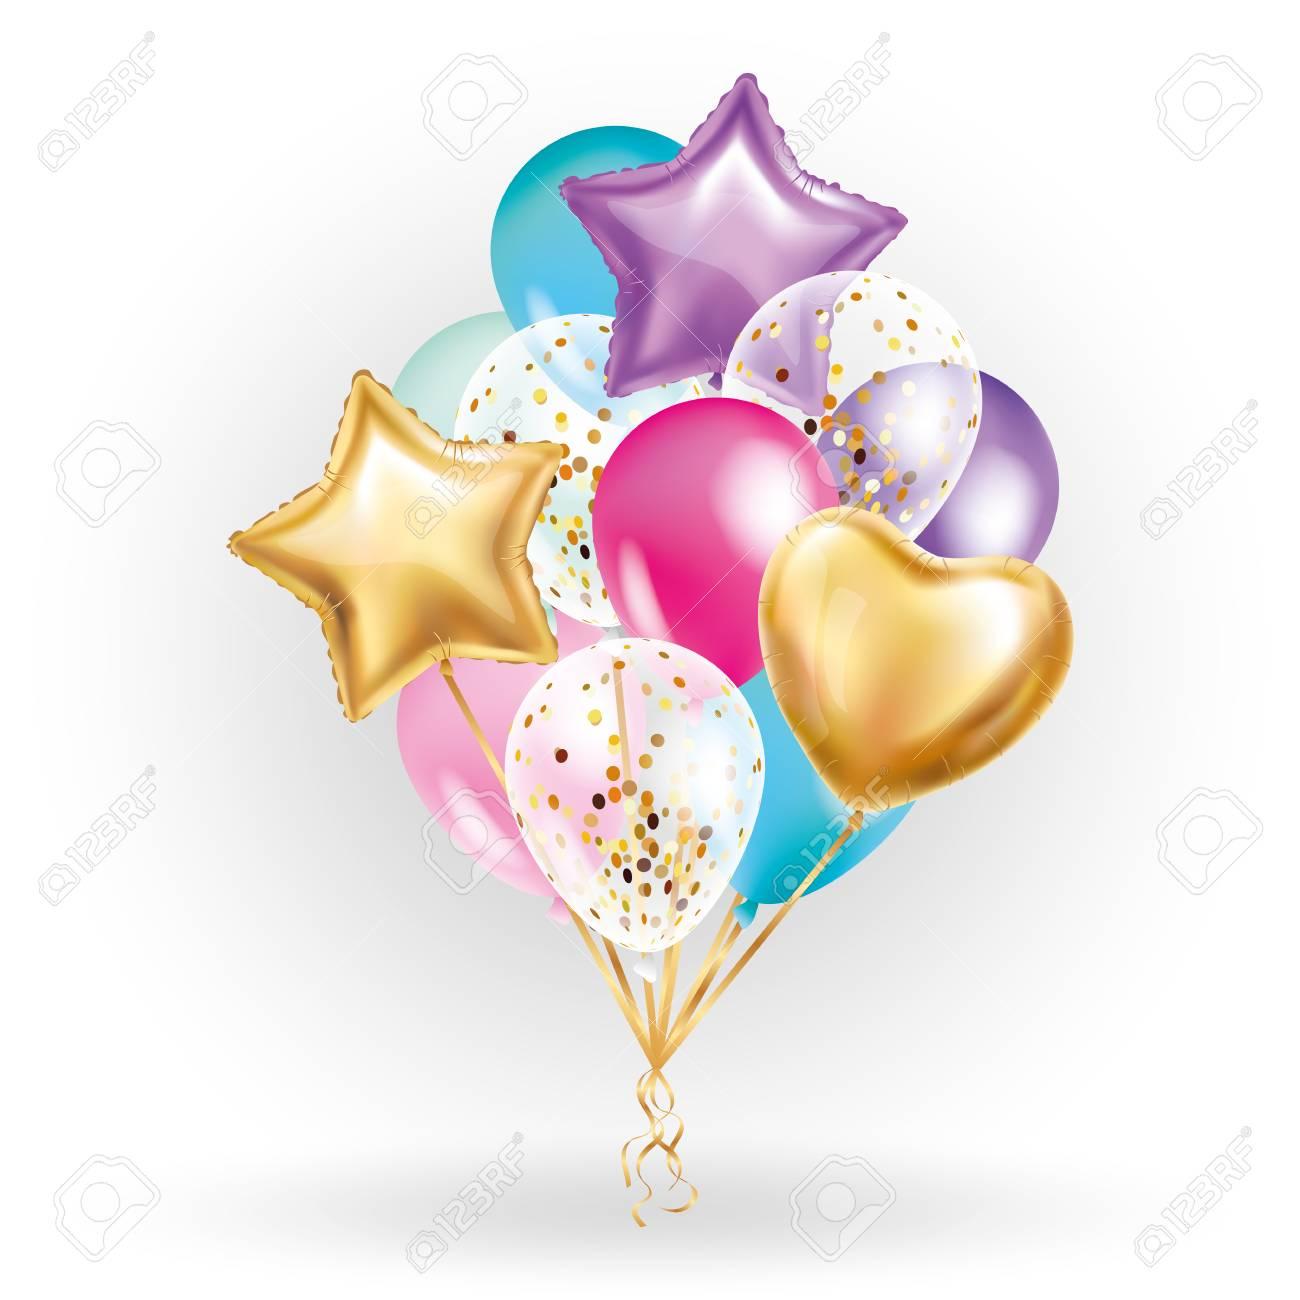 Heart star Gold balloon Bouquet - 79159992